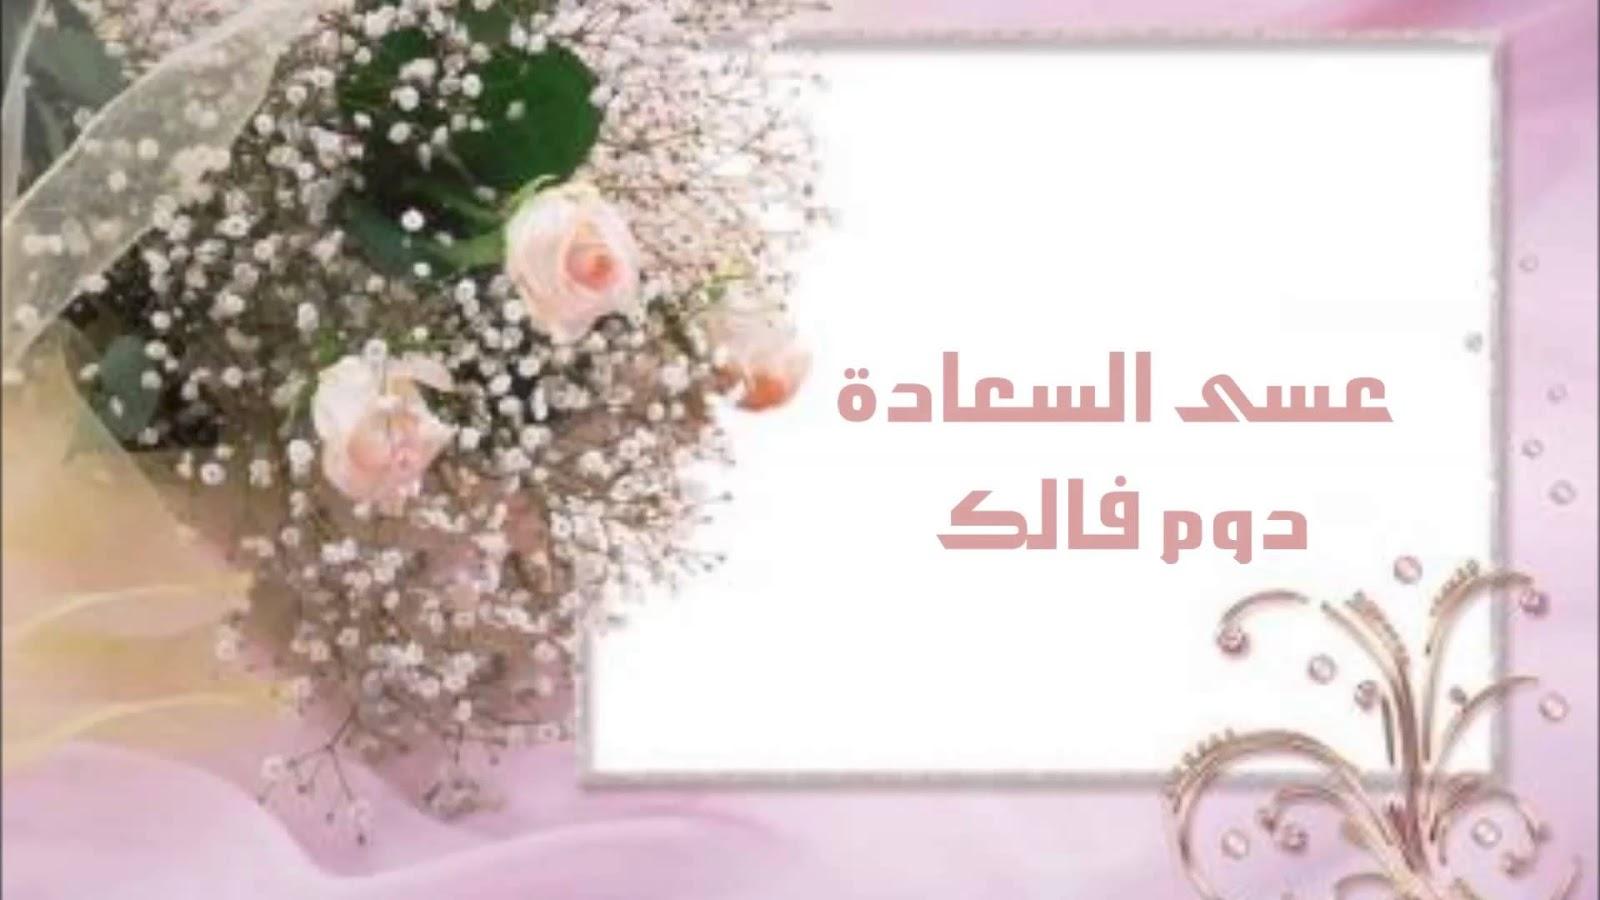 عبارات تهنئة زواج الأخ Nadormagazine Com مجلة الناظور الأولى